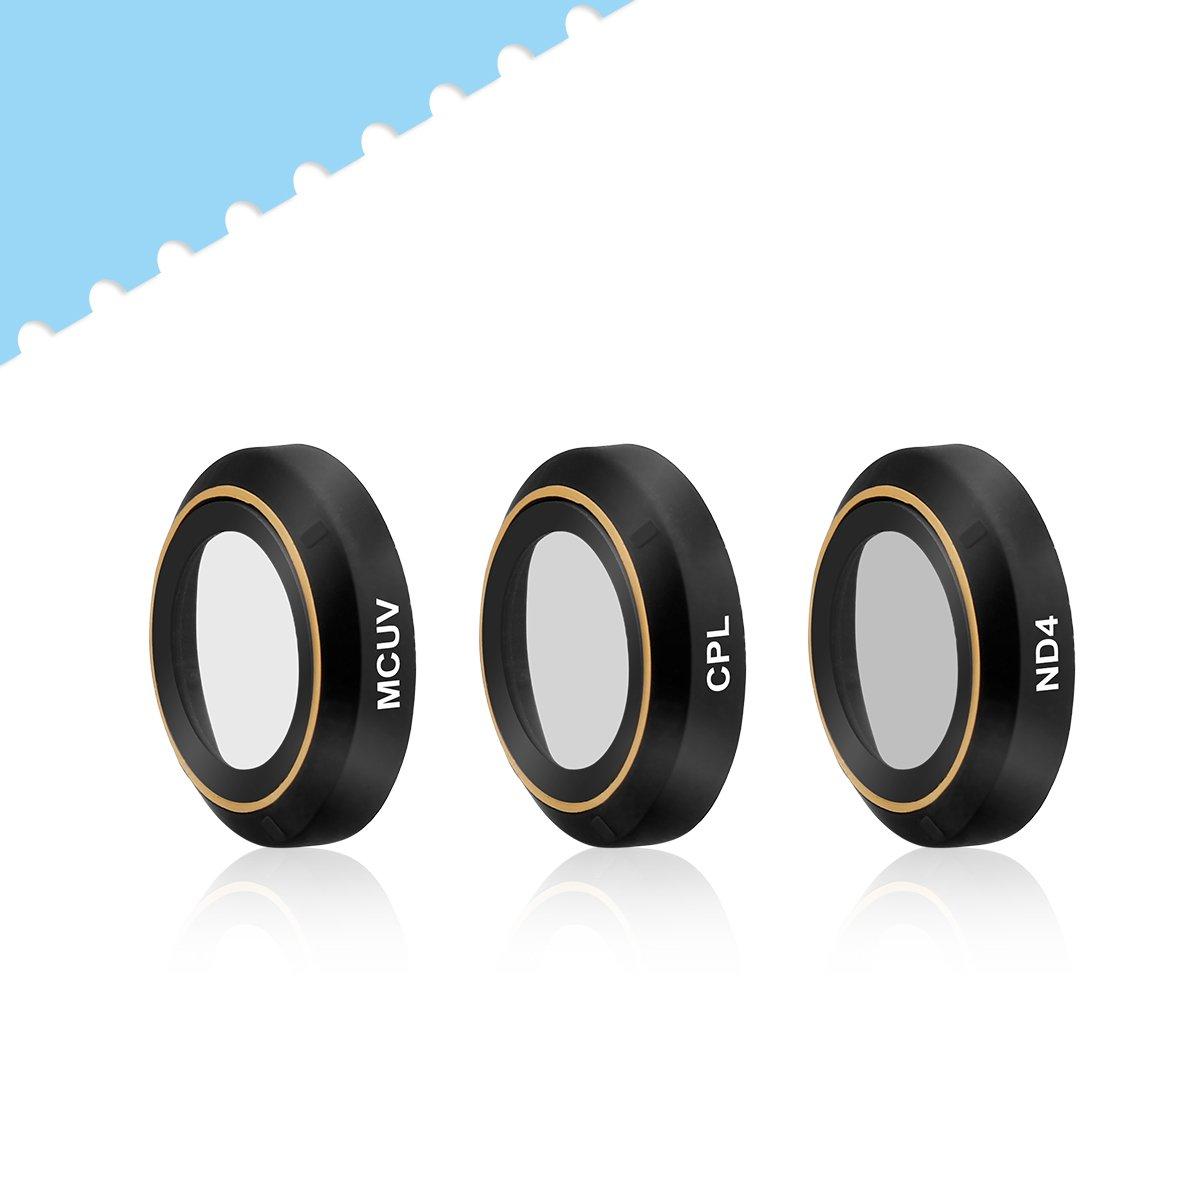 [UPGRADE] Powerextra 3-Pack DJI Mavic Pro & Platinum HD Lens Filters Kits (ND4 + UV + CPL Filter) (Pass Gimbal Calibration)